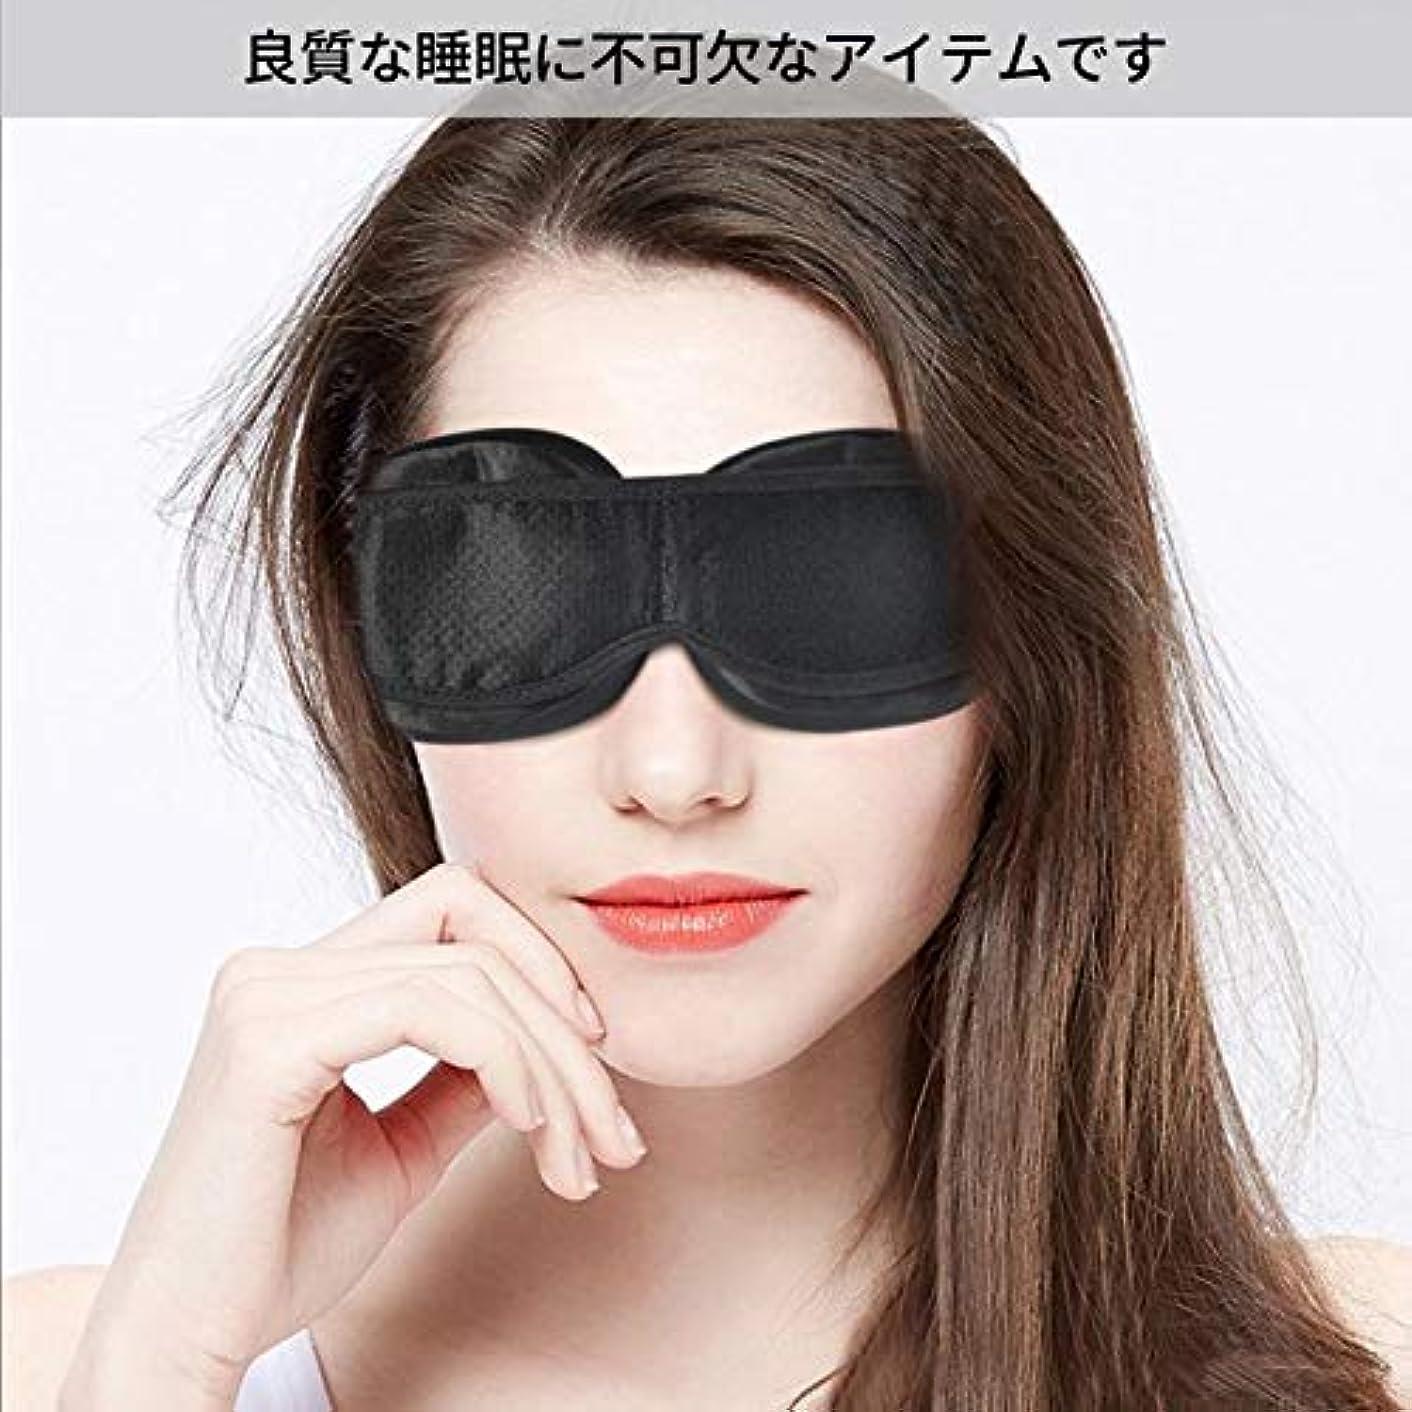 すり減る変化サークル注モジュラー3Dアイマスクシェードカバー目隠しアイ調節可能な3D通気性トラベルレストスリーピングアイマスクナップアイパッチスリーピングマスク